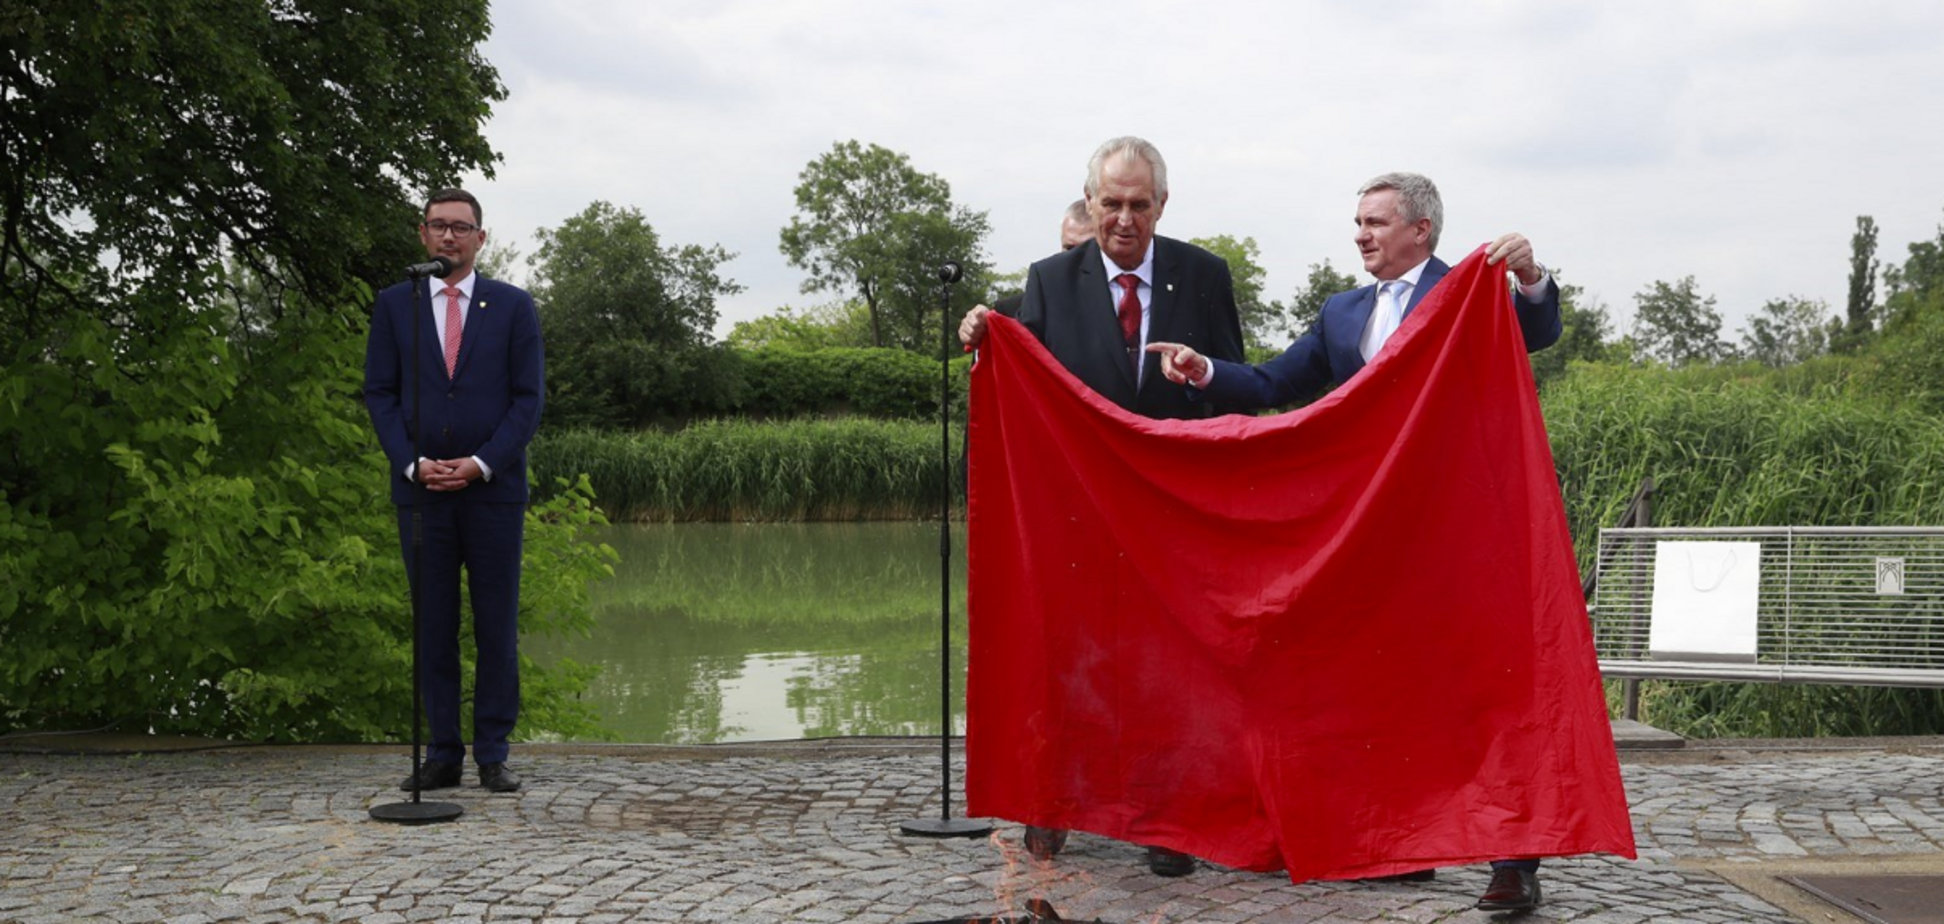 Друг Путіна публічно спалив червоні труси